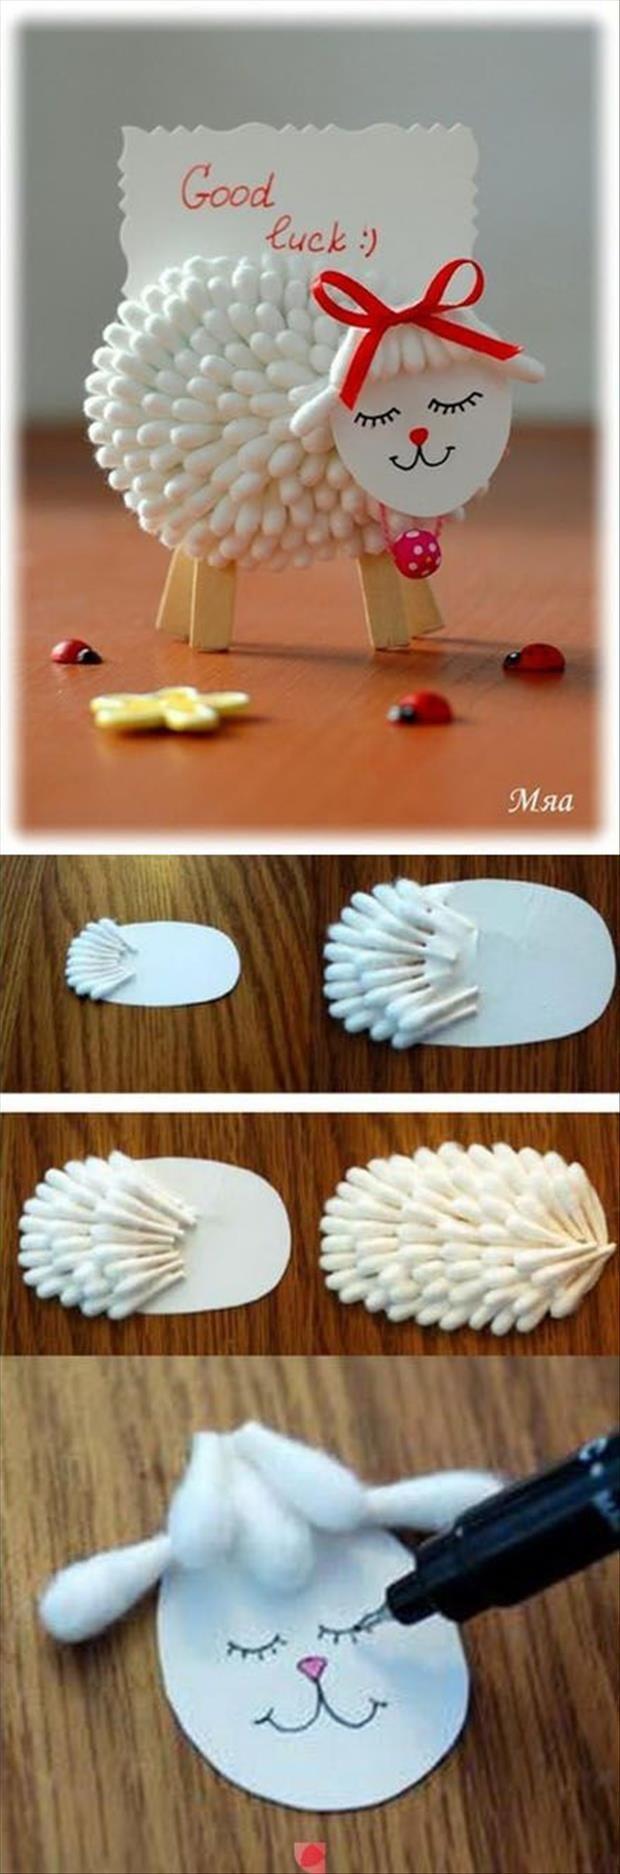 Что можно сделать своими руками из ватных дисков